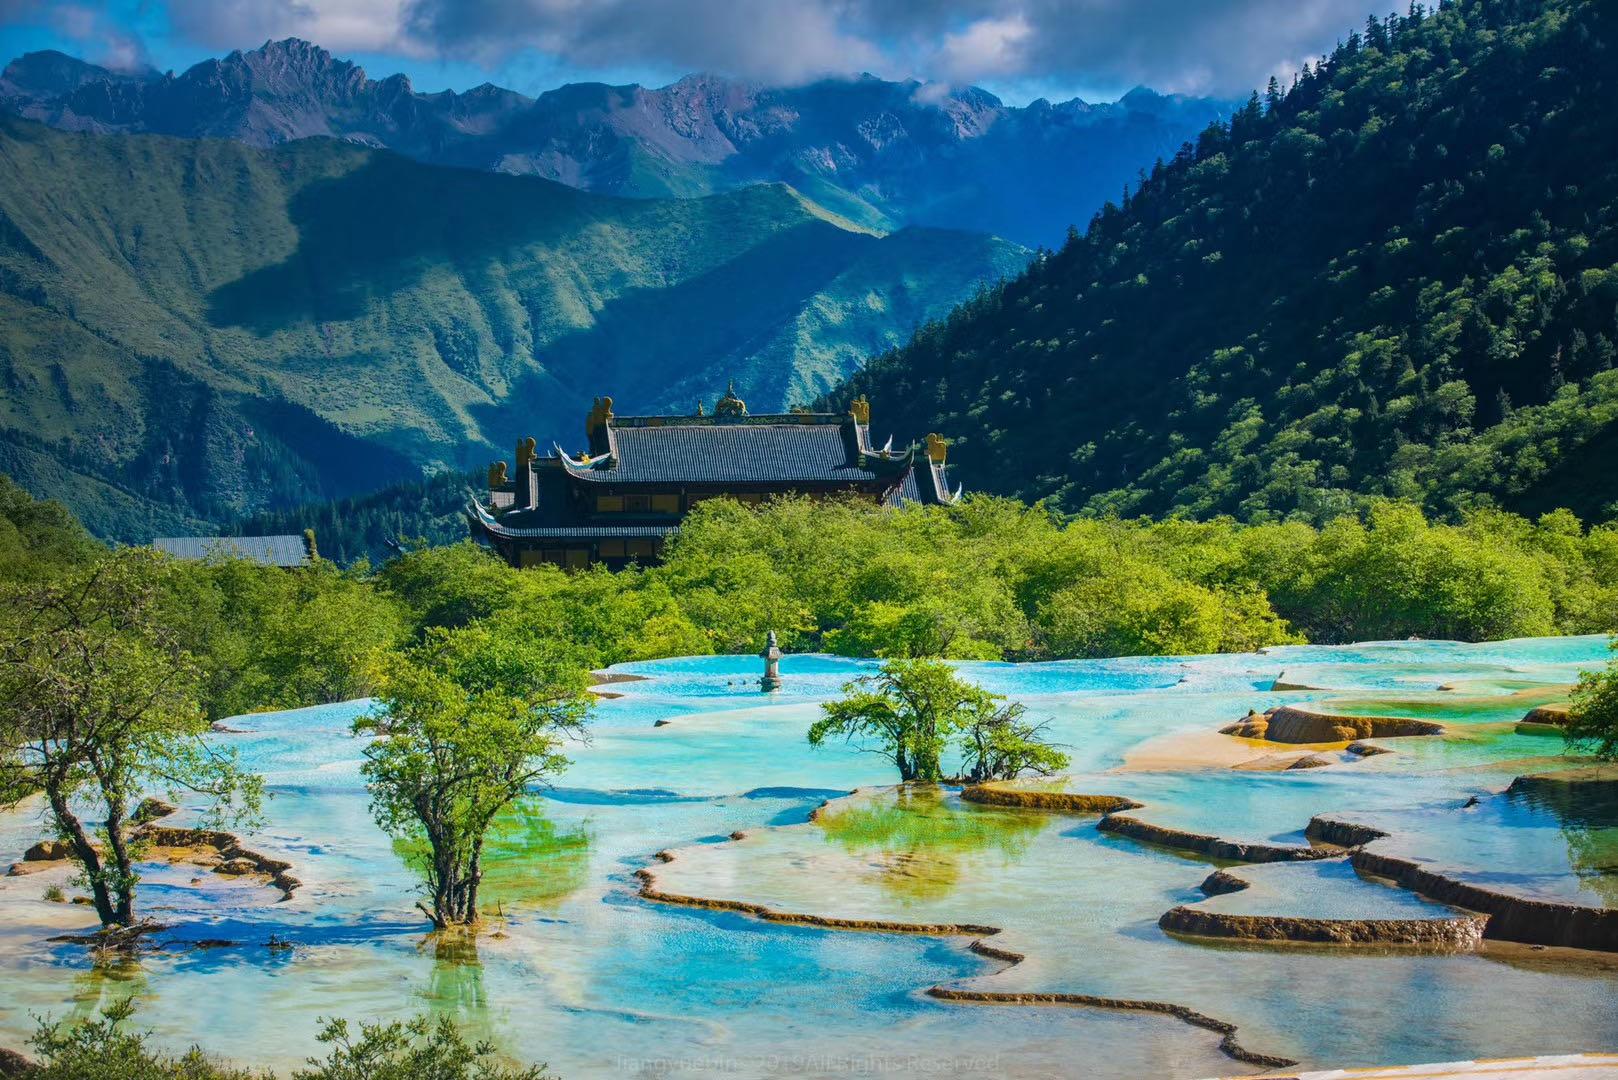 阿坝州文化和体育旅游局携手黄龙等景区 共赴兰州、西安送清凉